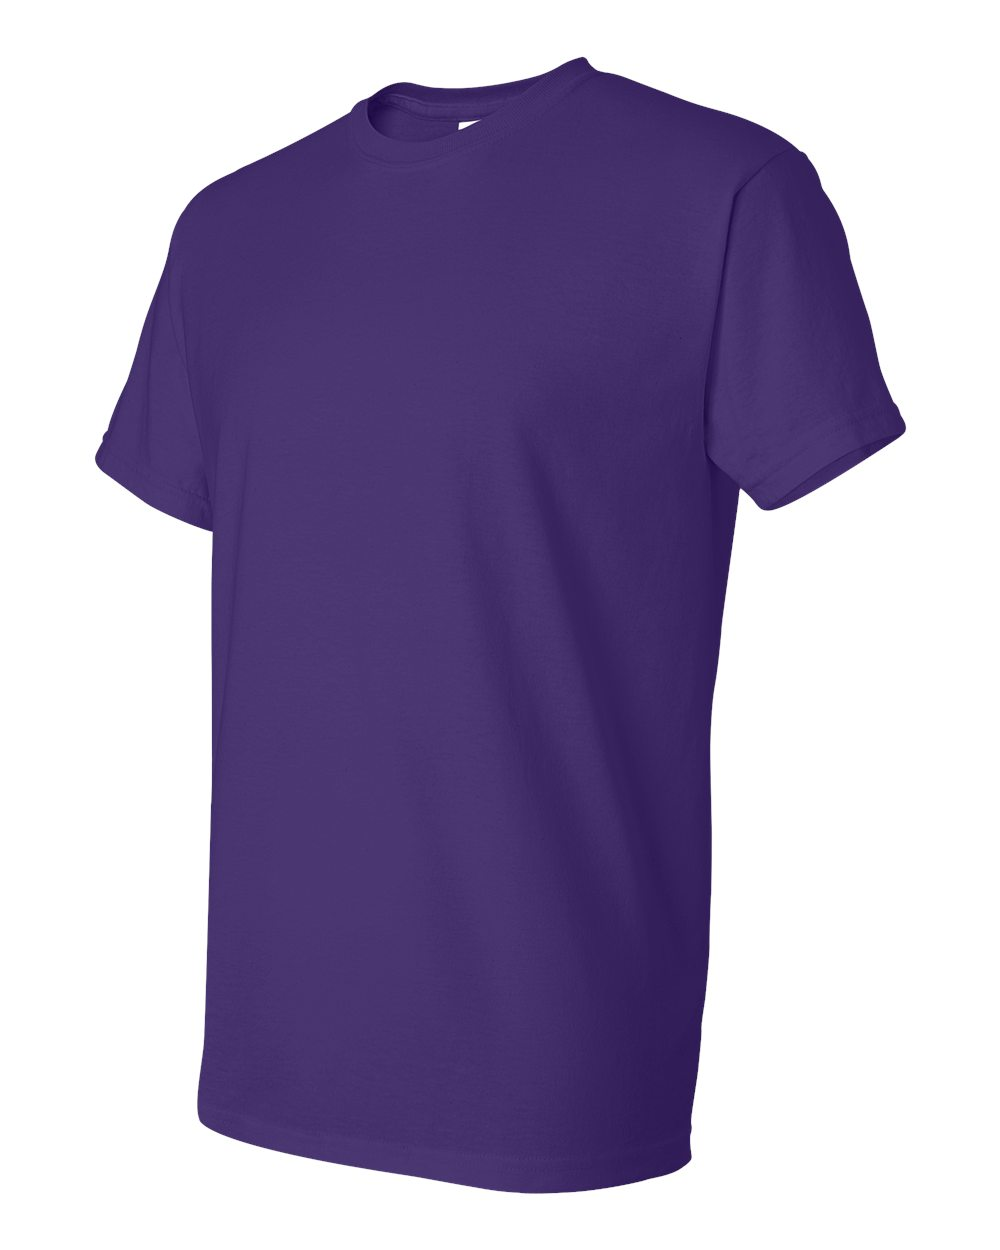 Gildan-Mens-DryBlend-5-6-oz-50-50-T-Shirt-G800-Size-S-5XL thumbnail 68